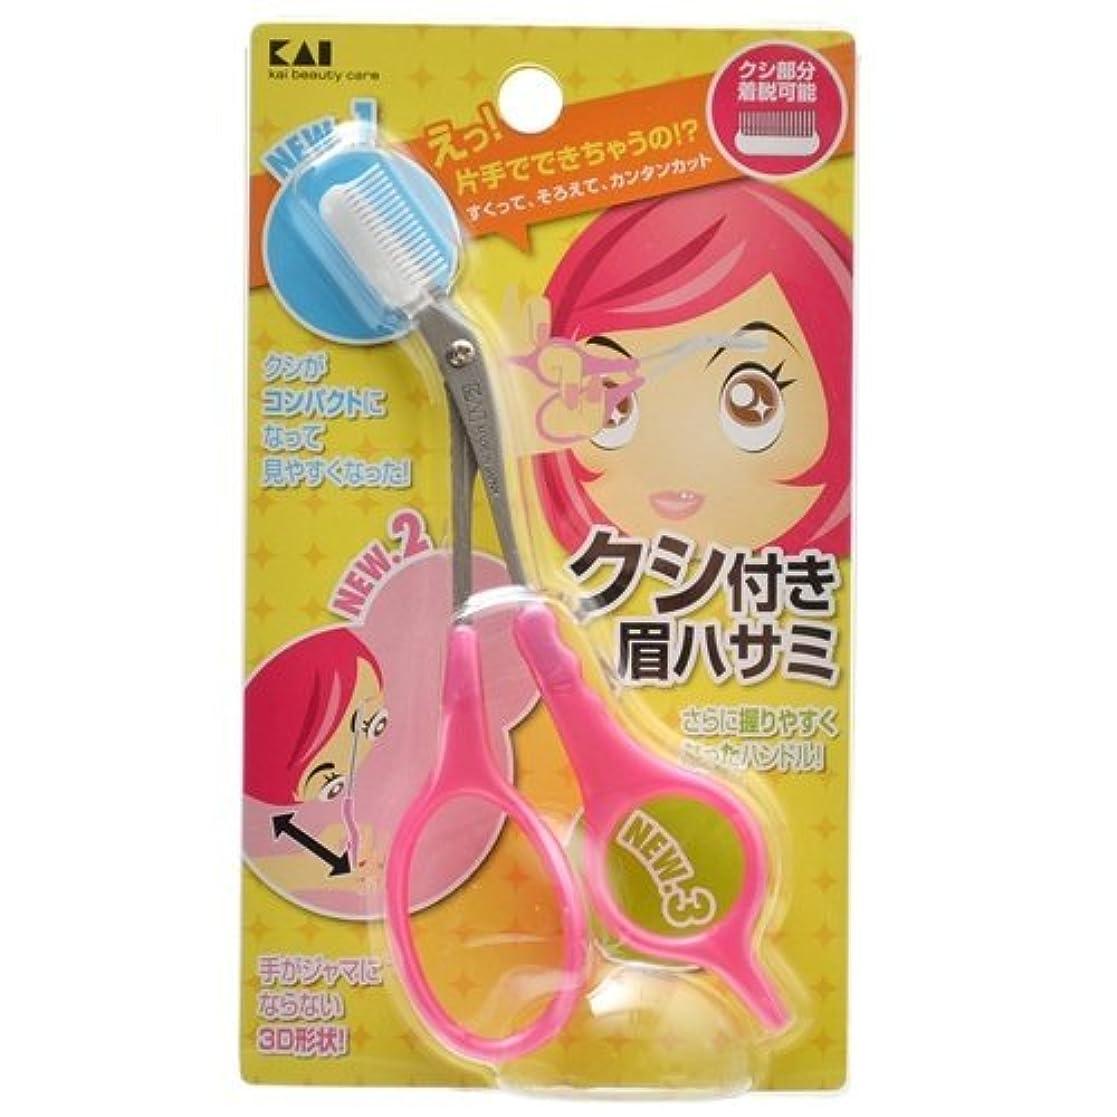 ディスパッチダッシュ肌クシ付きマユハサミDX ピンク